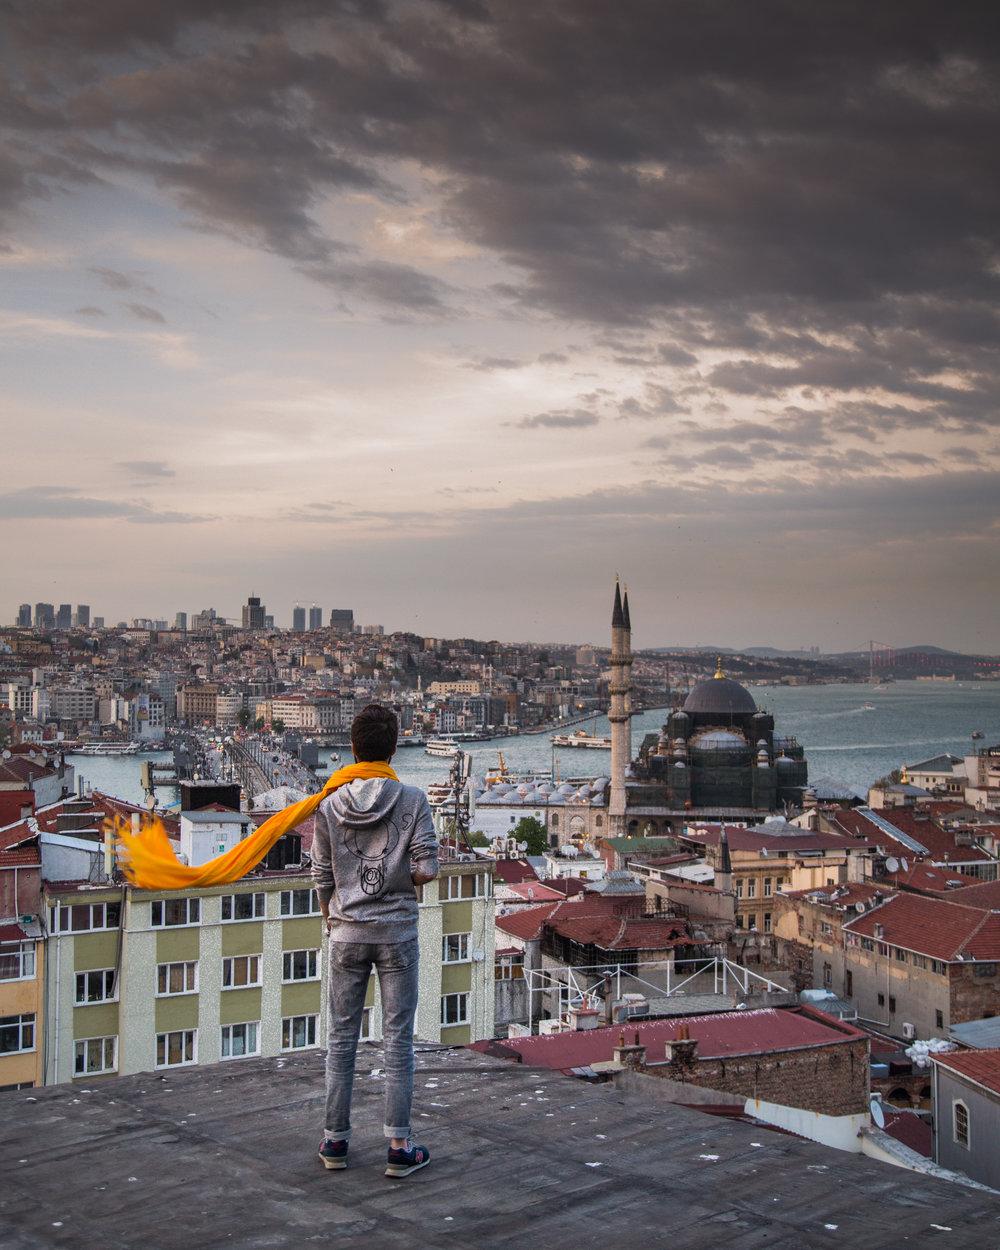 istanbul-cappadocia-26.jpg